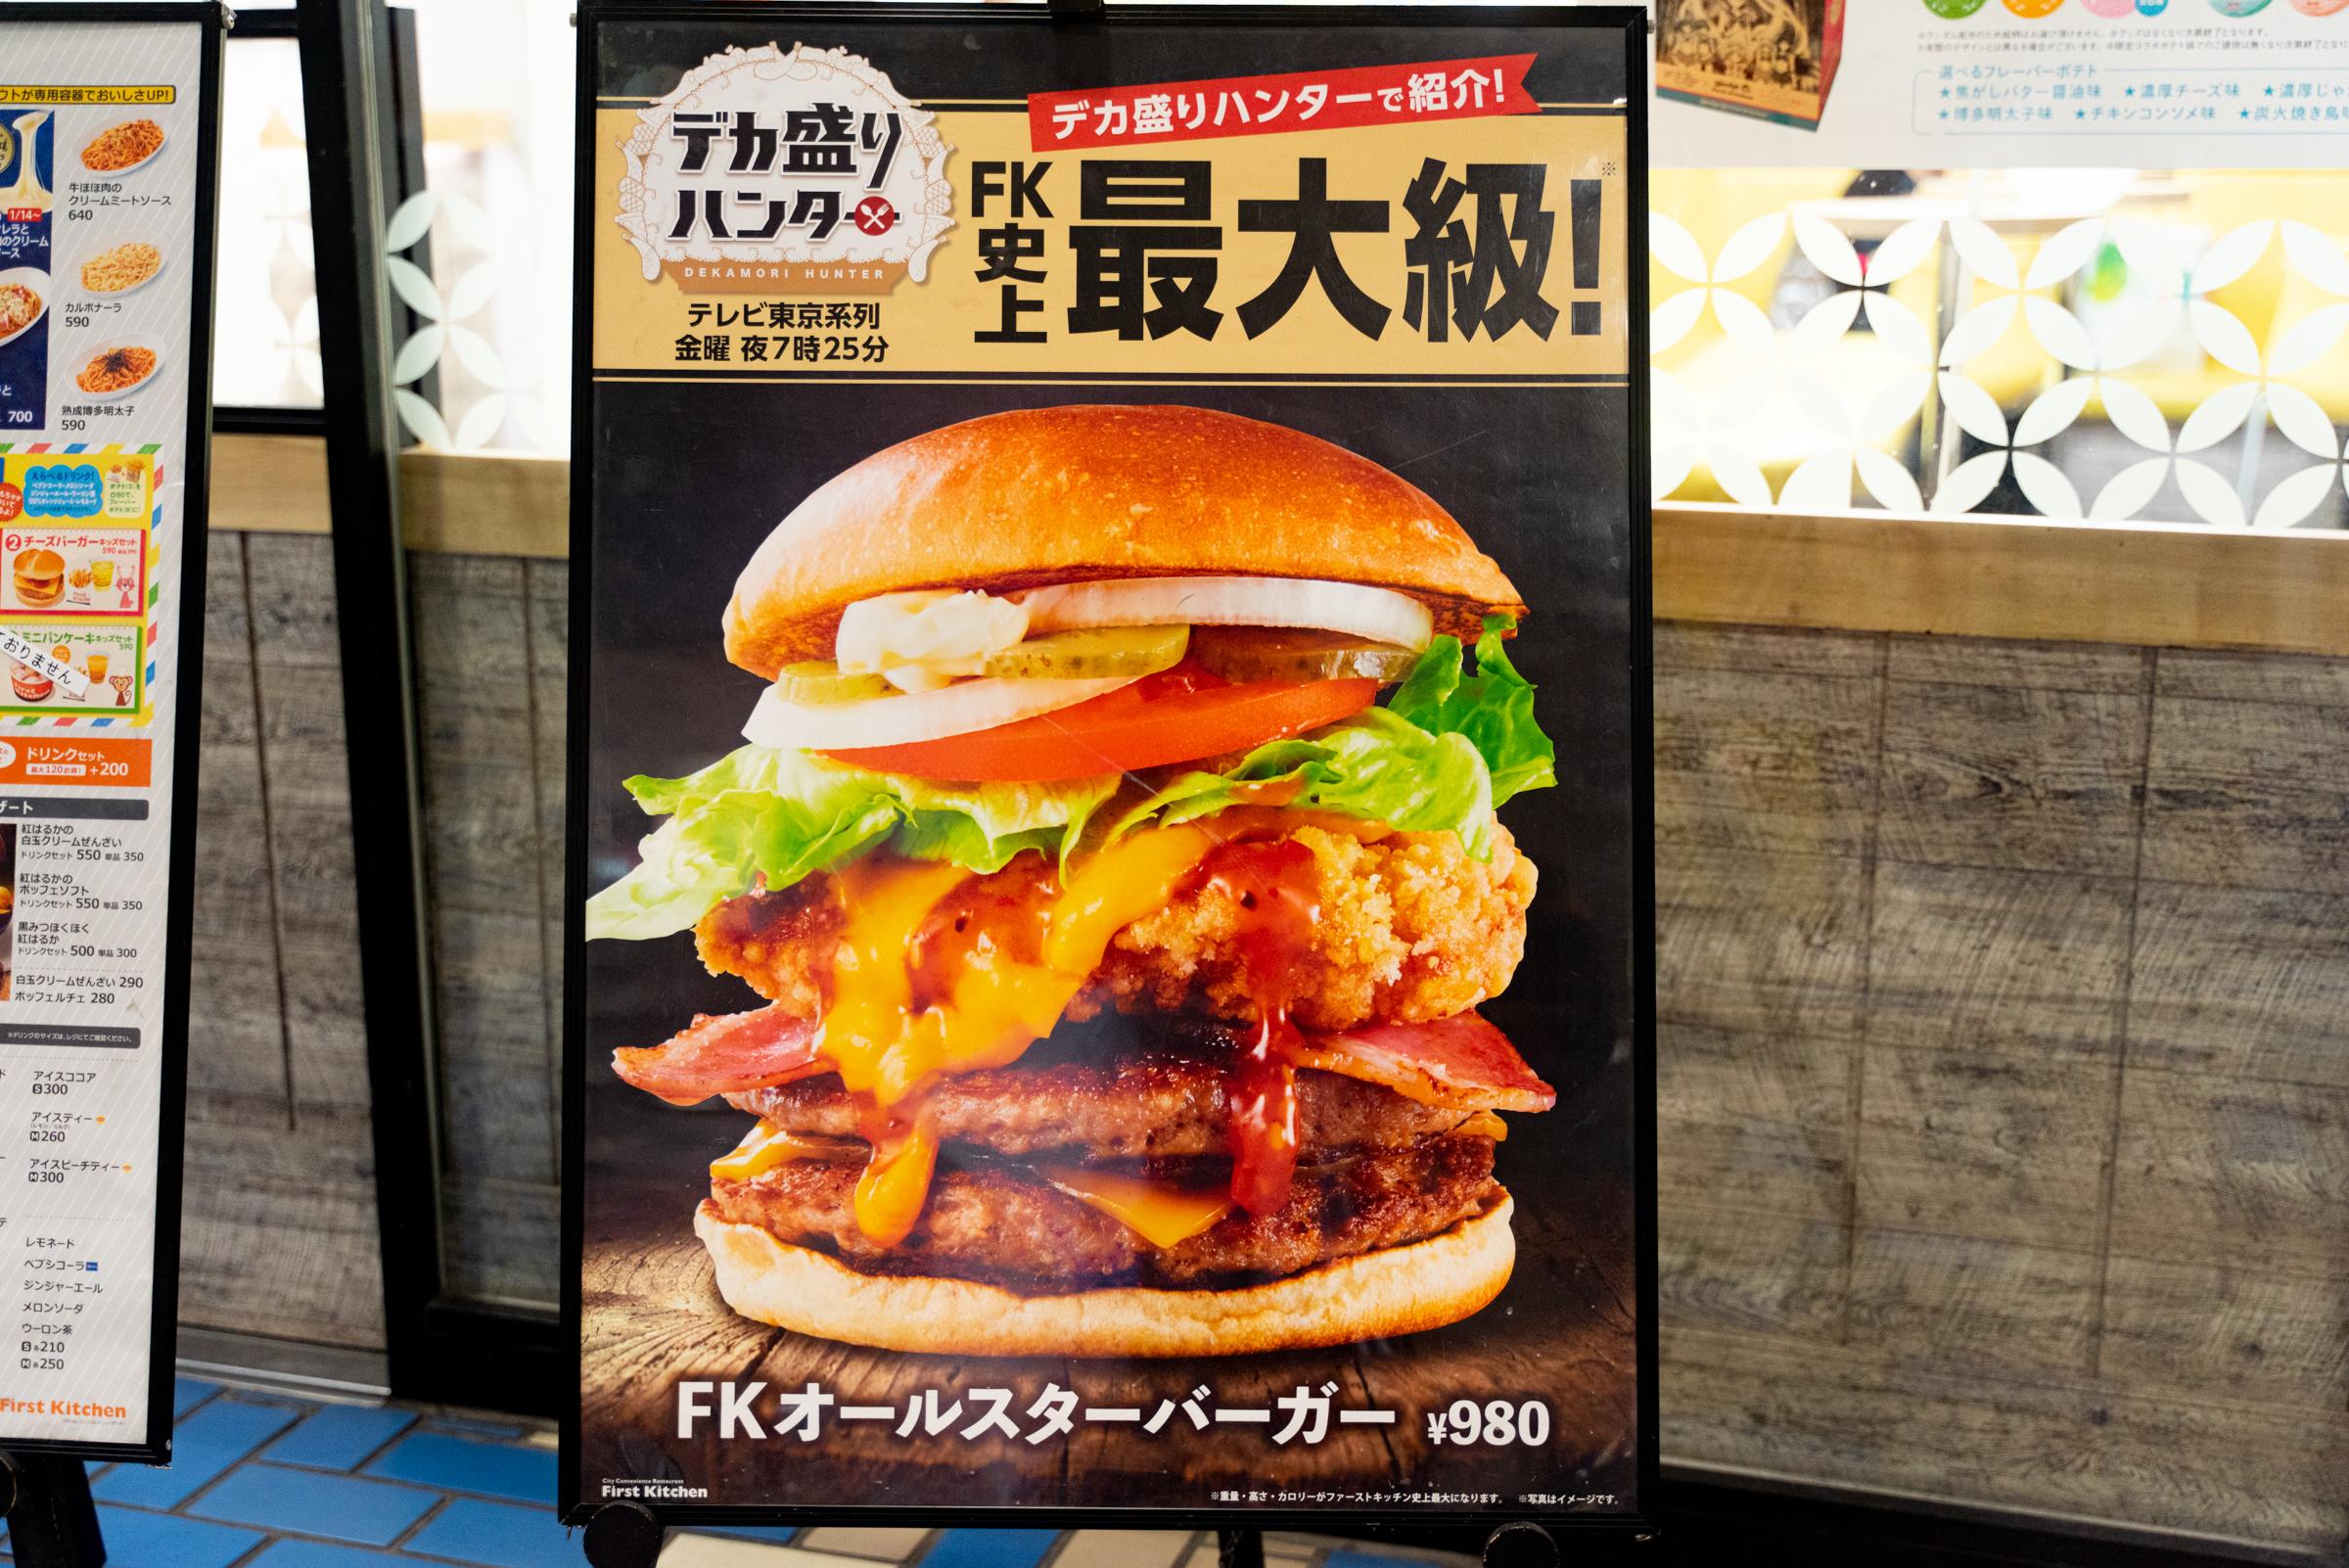 ファーストキッチン史上最大級な『FKオールスターバーガー』を食べてみた / デカいだけじゃないハイクオリティなバーガー爆誕